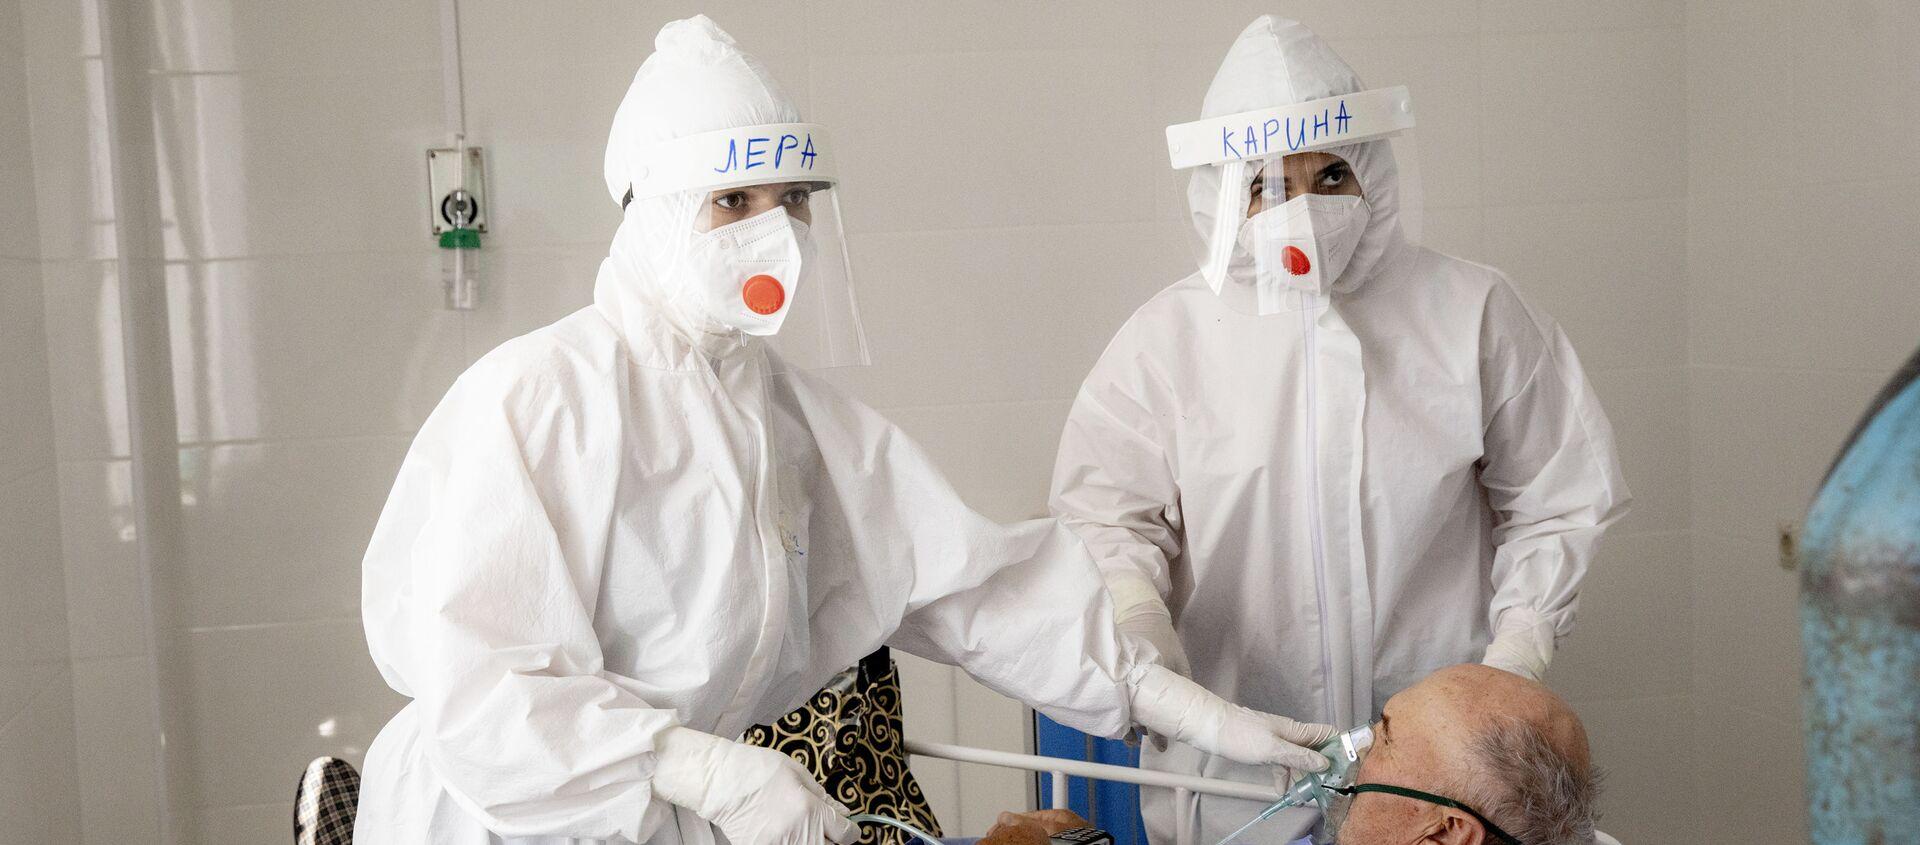 Борьба с коронавирусом в Южной Осетии: Детская больница - Sputnik Южная Осетия, 1920, 10.02.2021